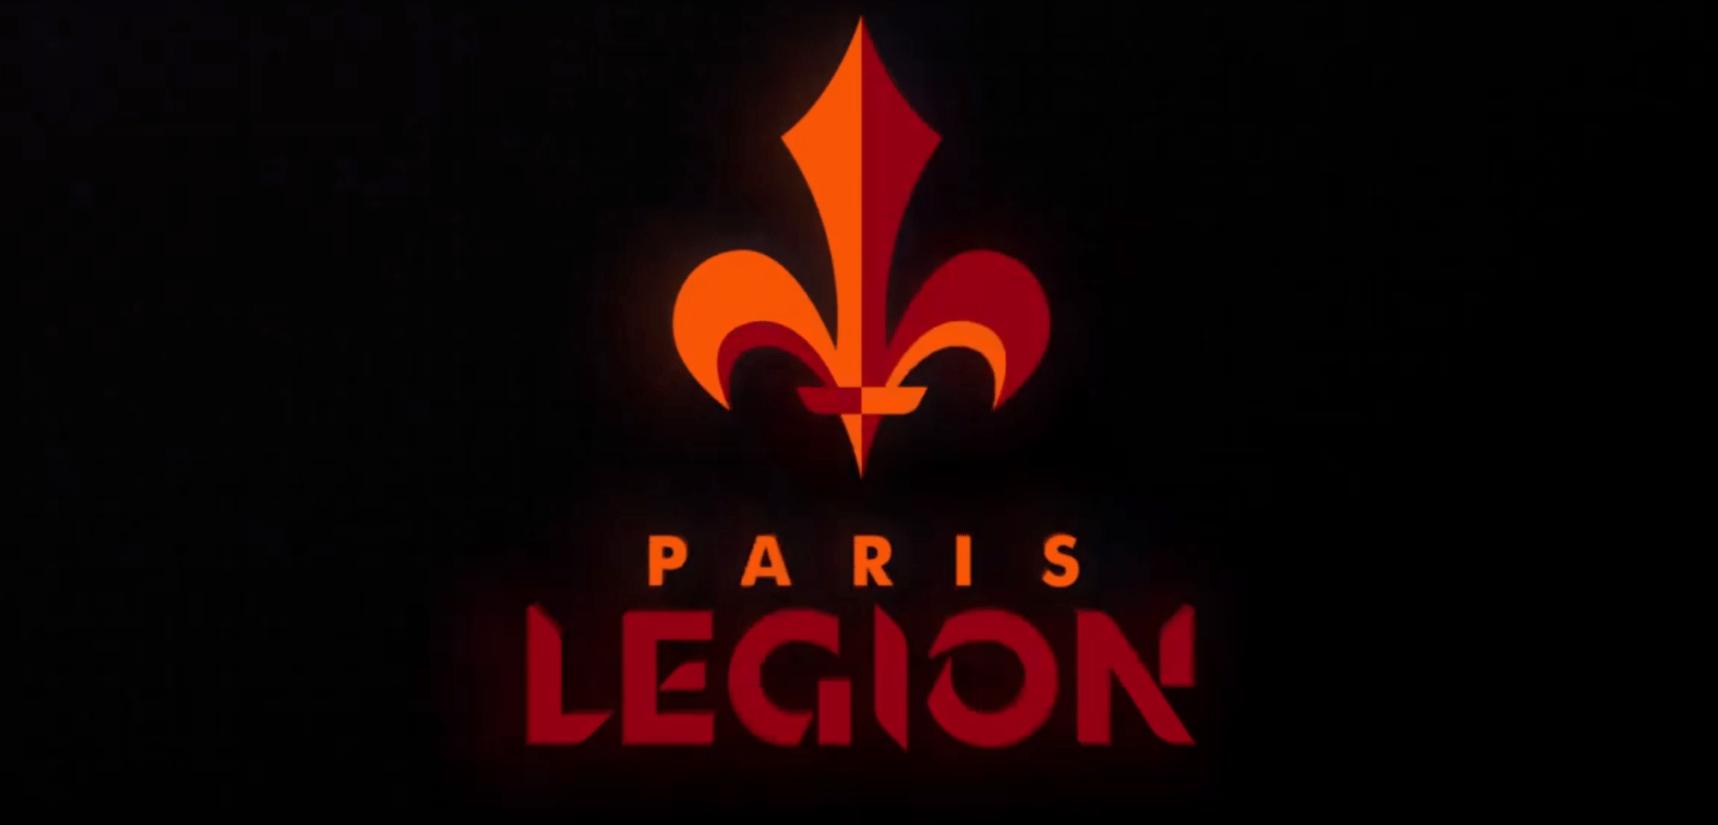 Paris Legion – Team Breakdown. Call Of Duty League Esports Inaugural Series